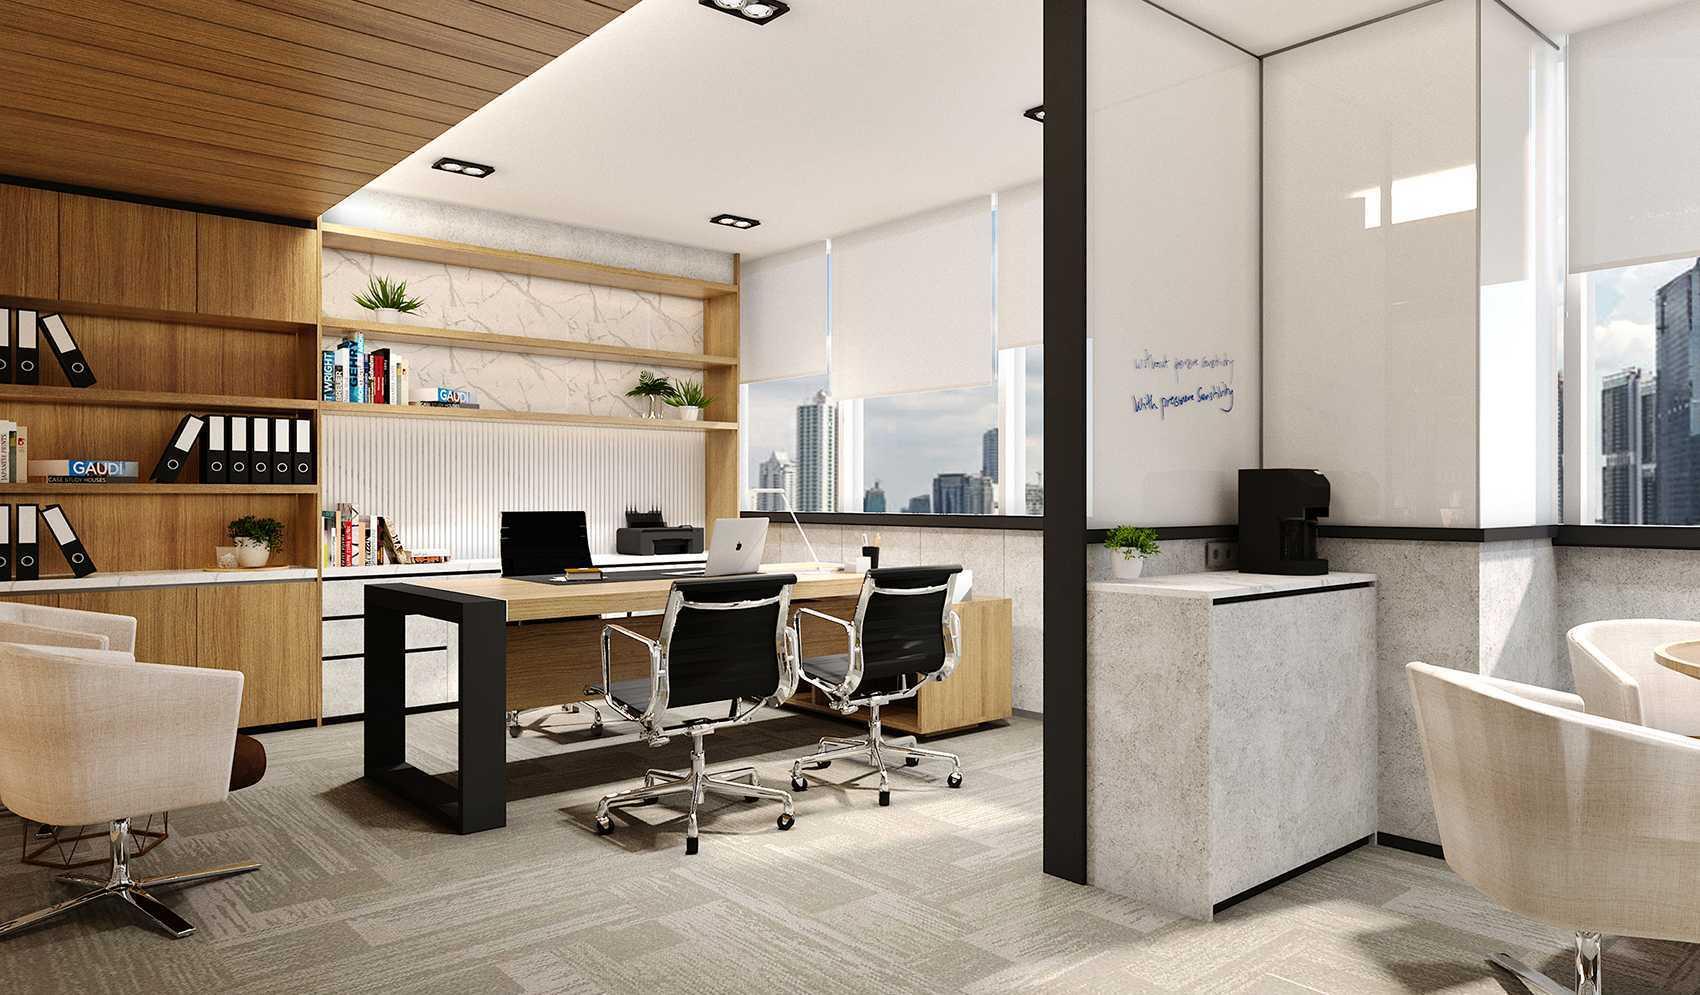 Highstreet Tempirai Office Jakarta, Daerah Khusus Ibukota Jakarta, Indonesia Jakarta, Daerah Khusus Ibukota Jakarta, Indonesia Highstreetstudio-Tempirai-Office  74003